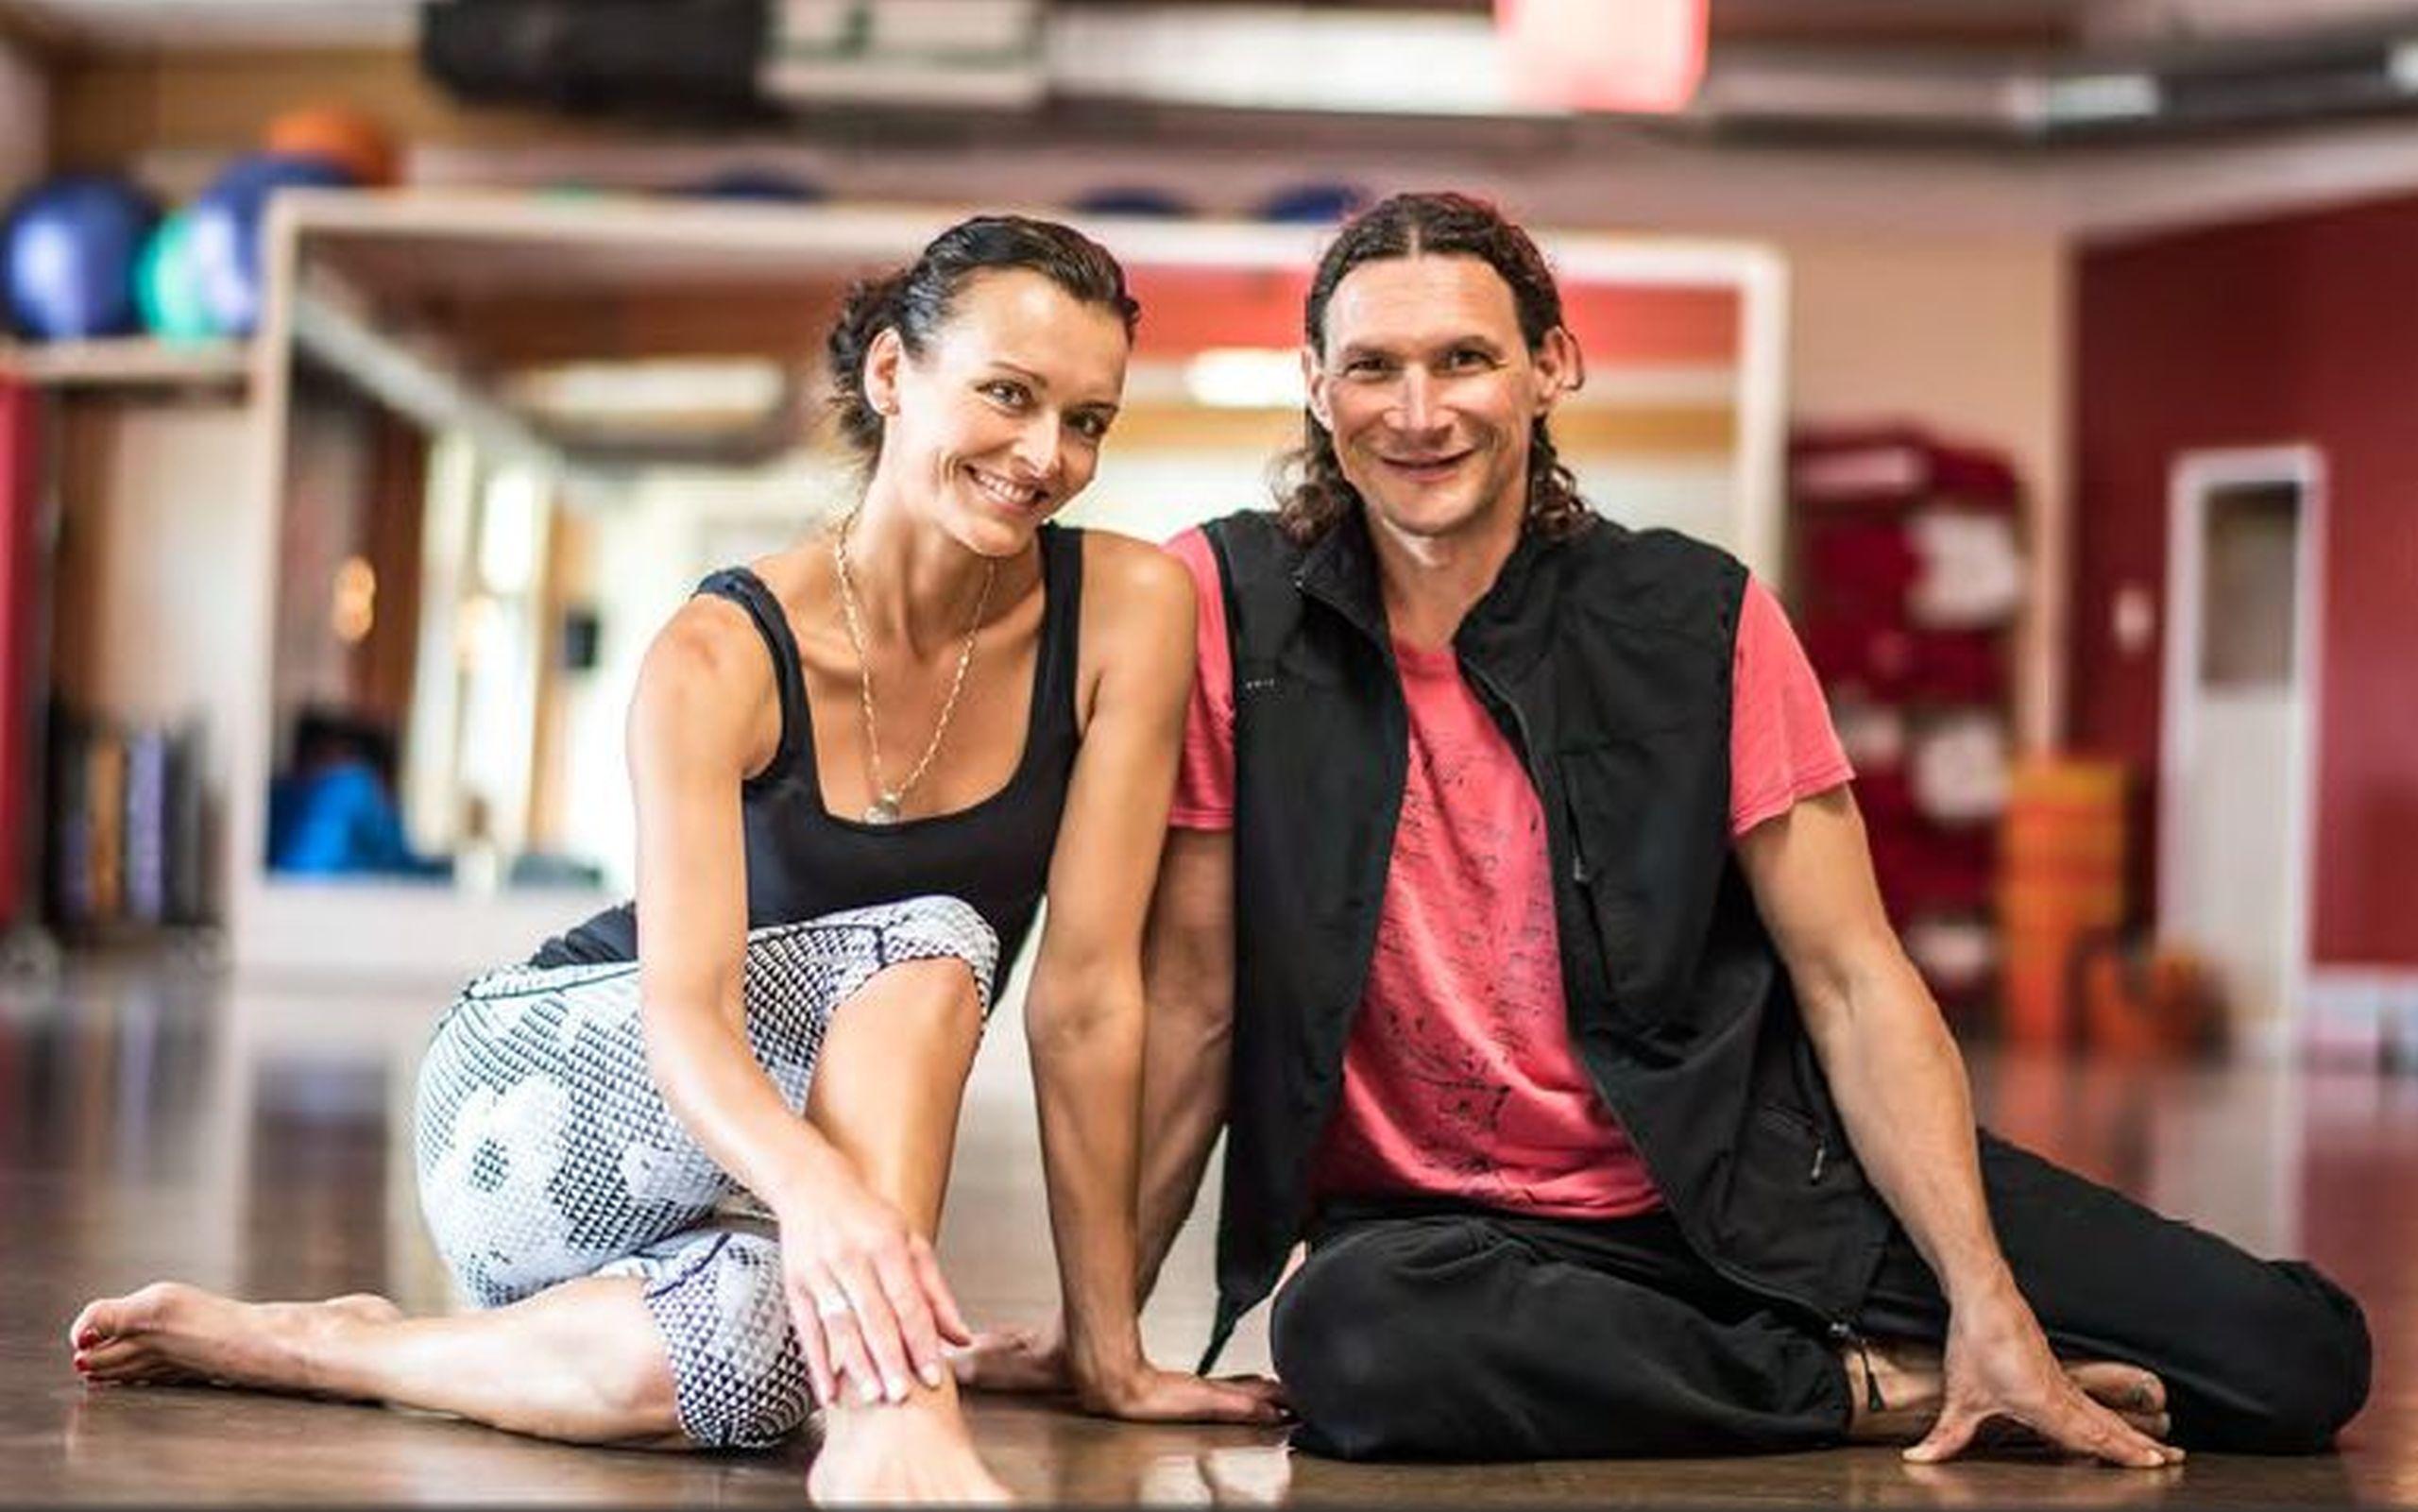 Silke Hellwig & Bernd Fabiankowits